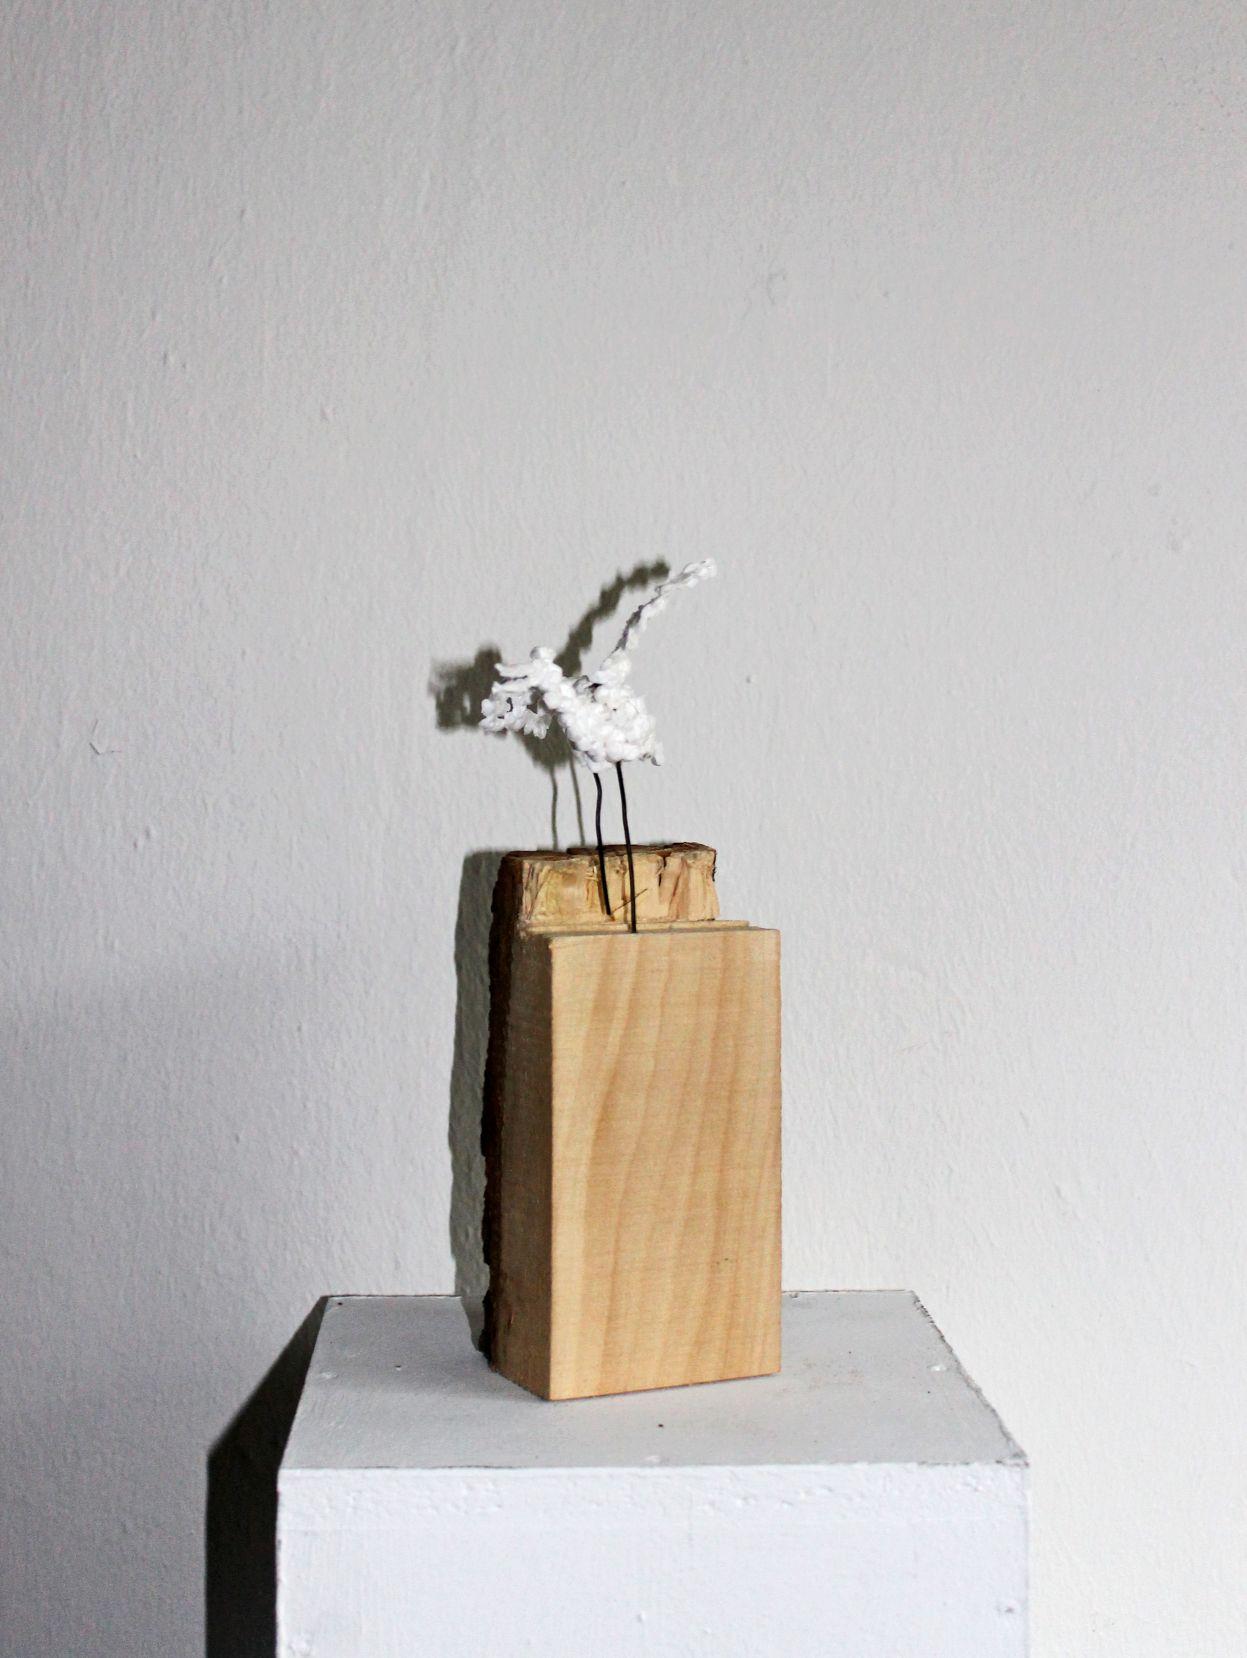 Vogel Holz skulptur galerie holzbildhauerin strixner